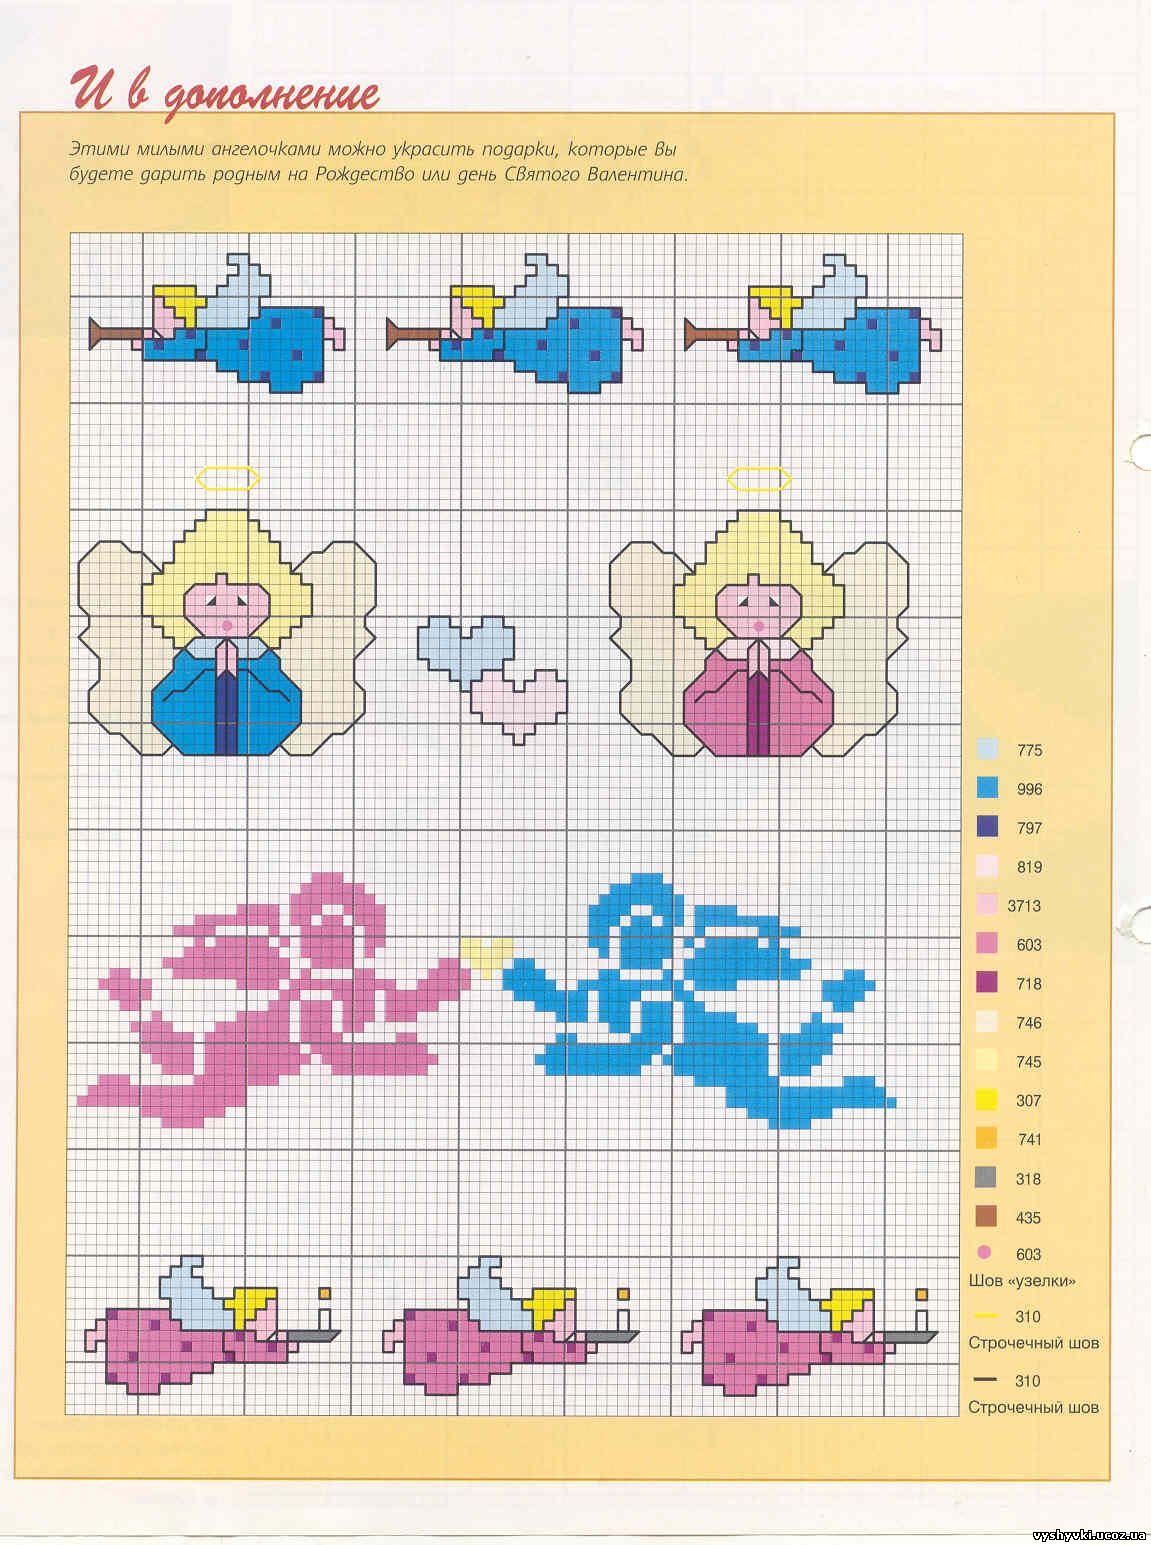 Приметы и символы в вышивке - значение вышивки